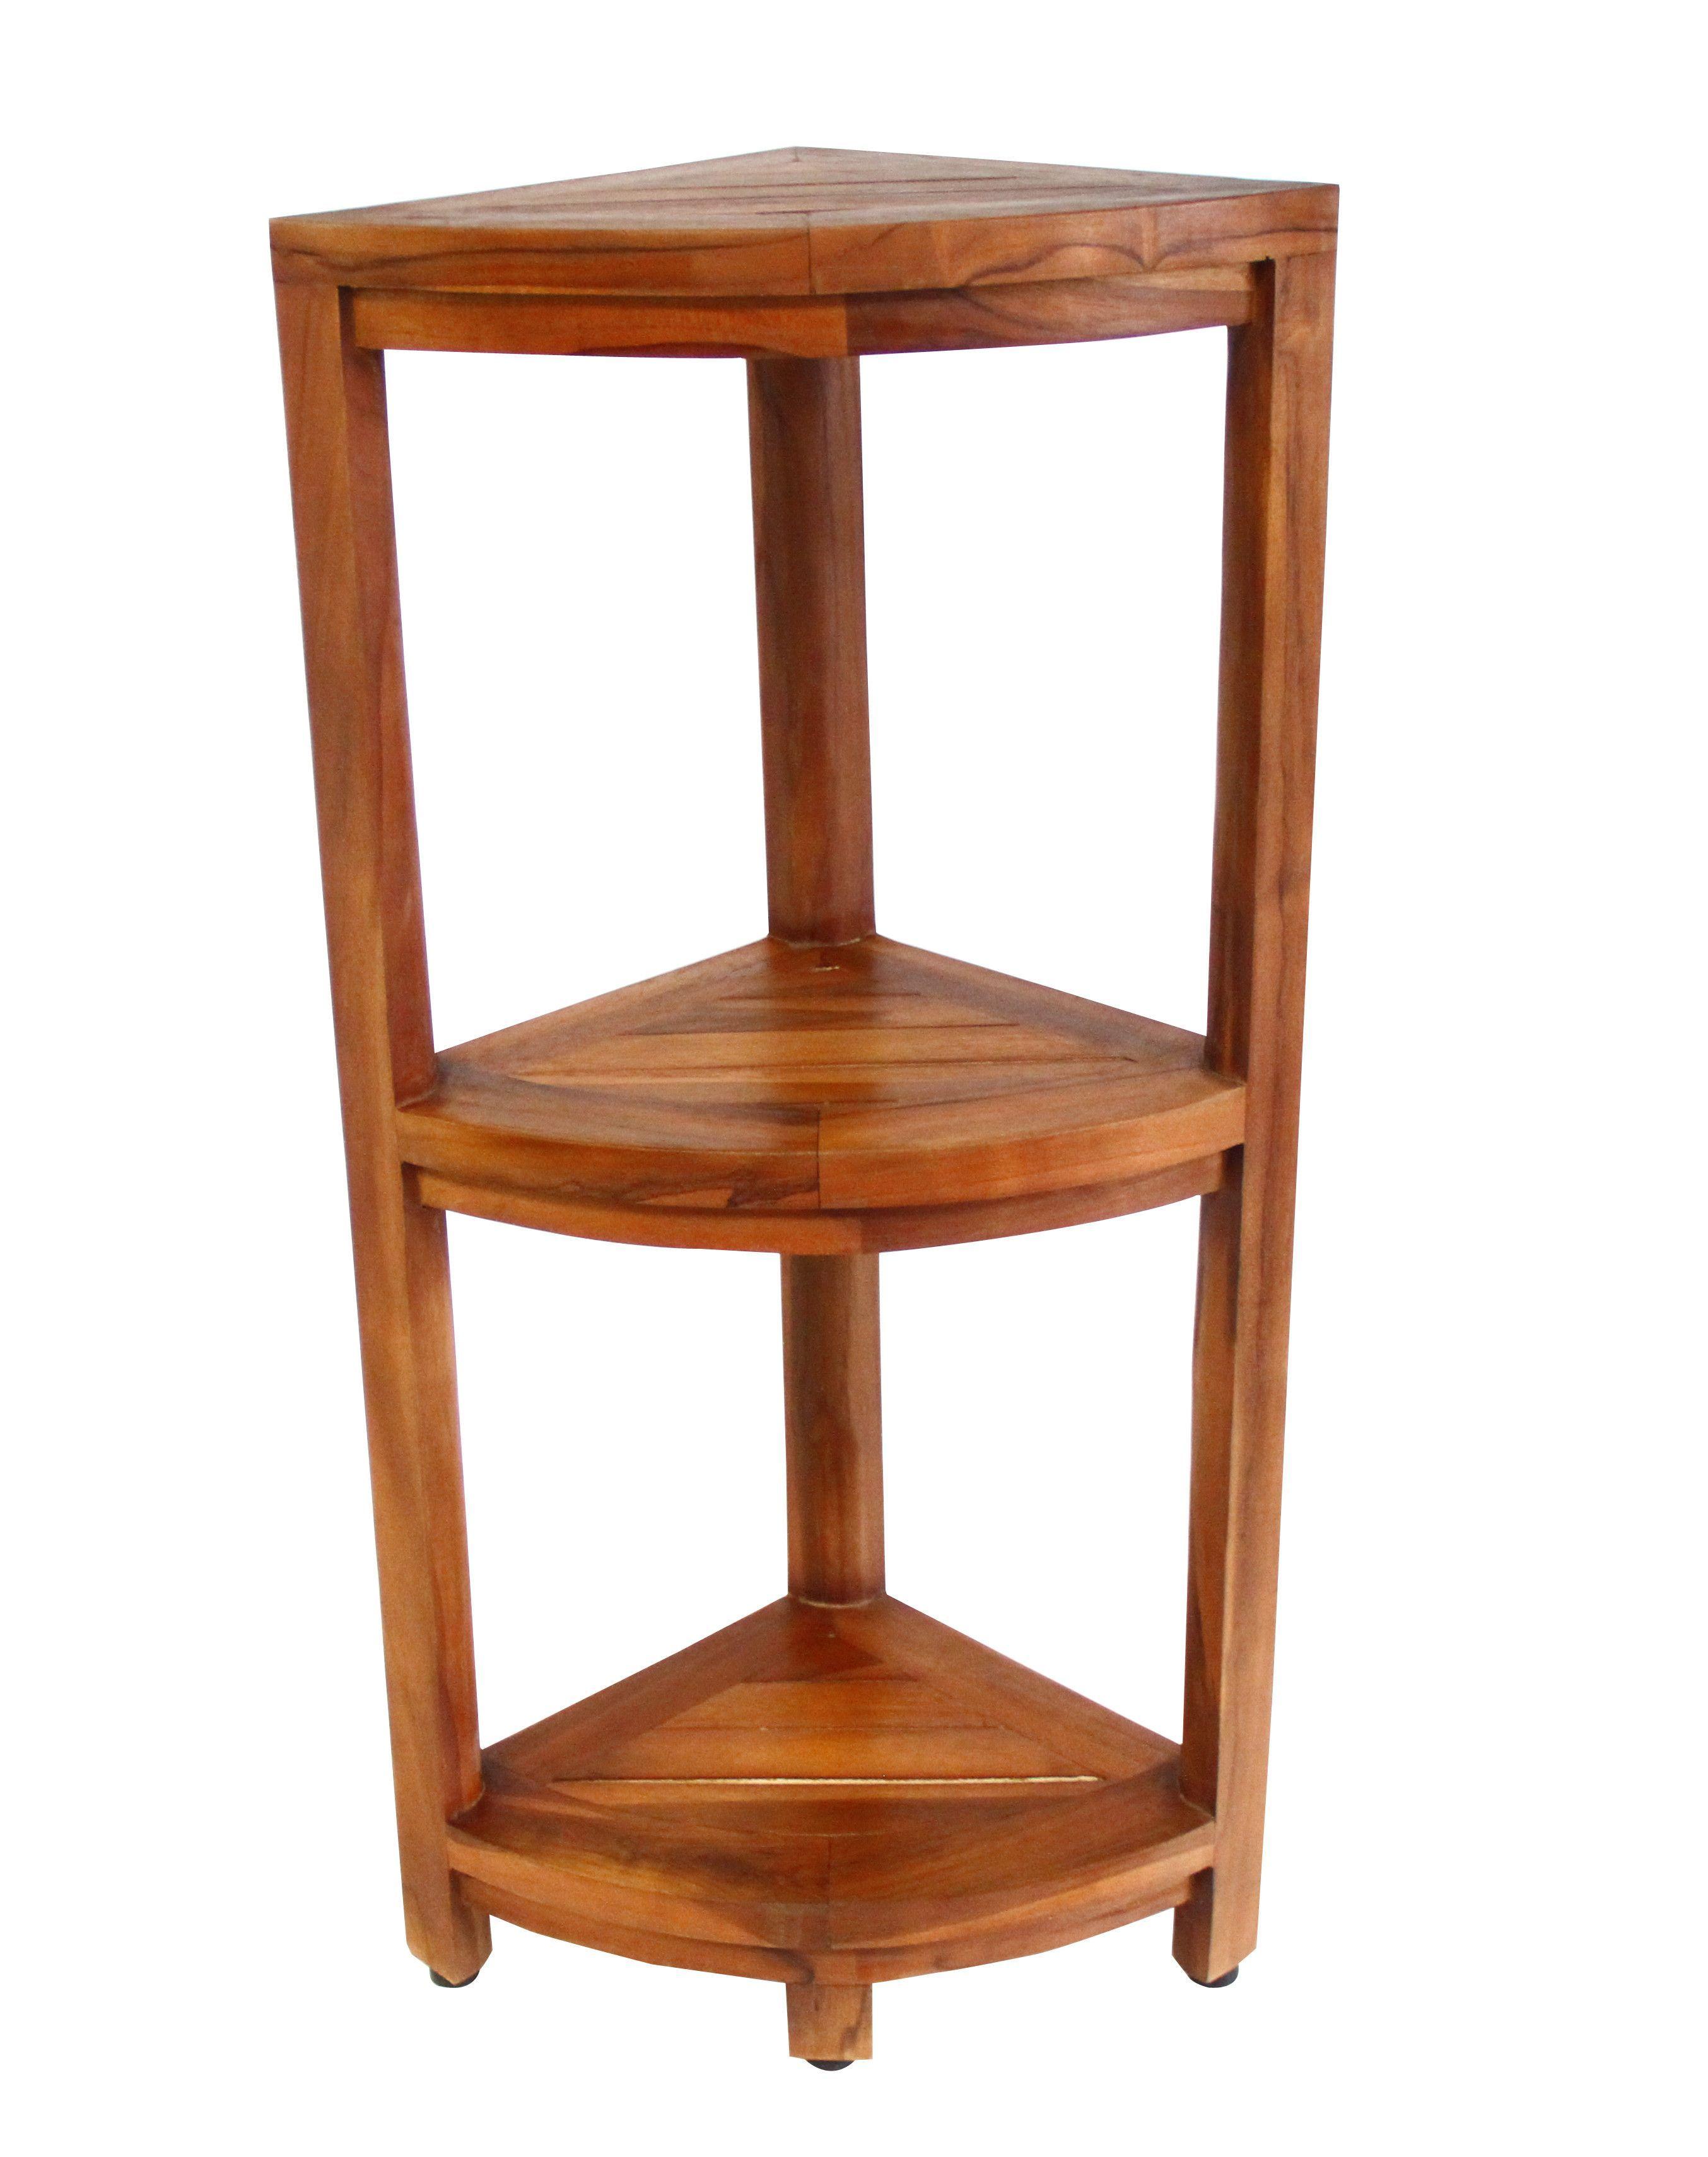 shower douche et en banquettes teck stool teak category spa accessoires final bathroom benches corner accessories raymond mireille